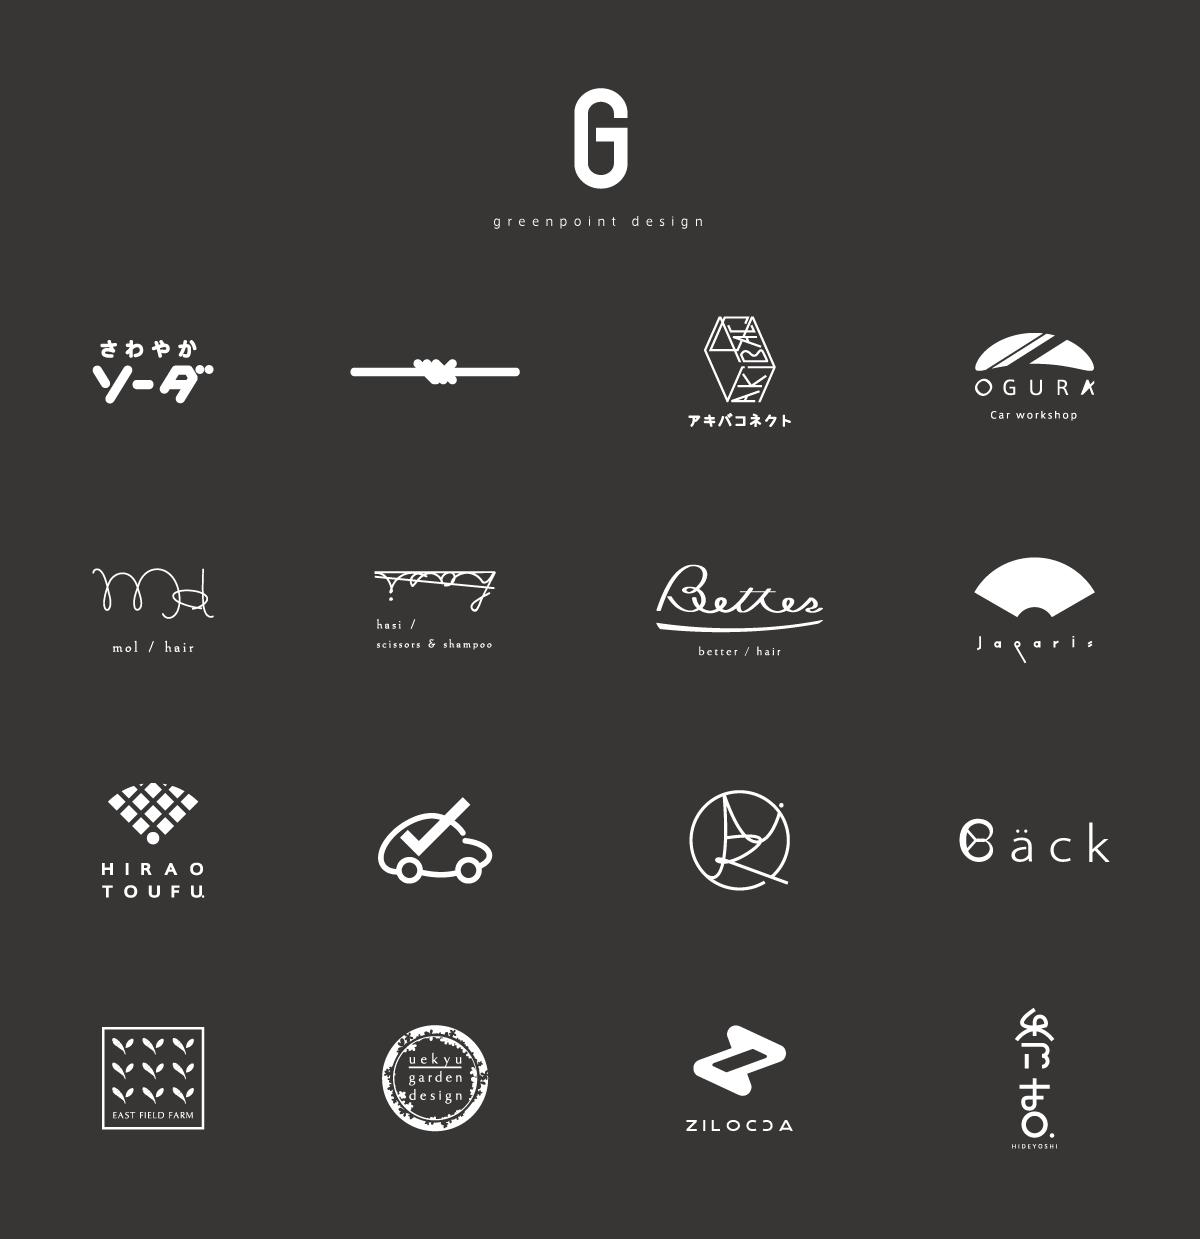 シンプルなロゴをデザインいたします 有名メーカーの商品ロゴデザインも担当。デザイン誌の掲載多数!